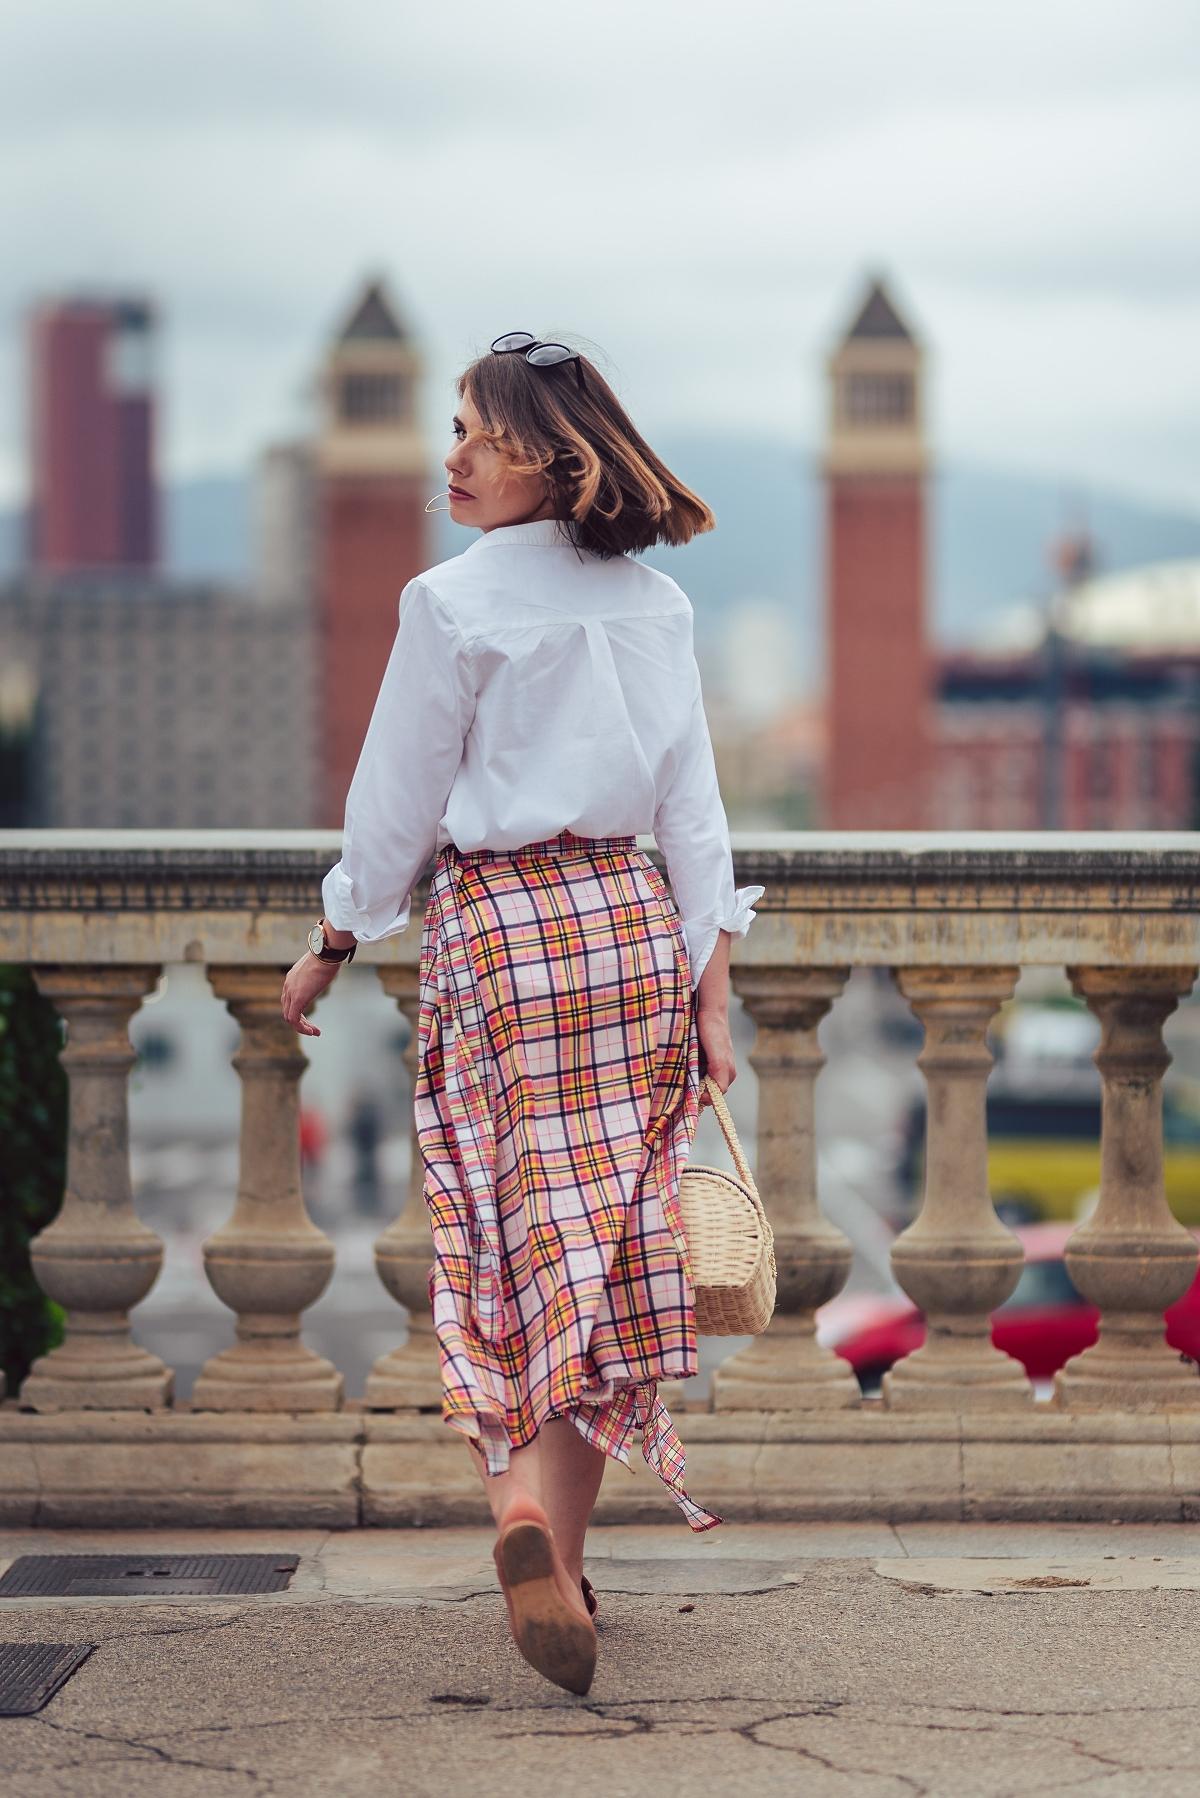 biala_koszula_z_poduszkami_i_spódnica_w_krate_sesja_modowa_w_barcelonie